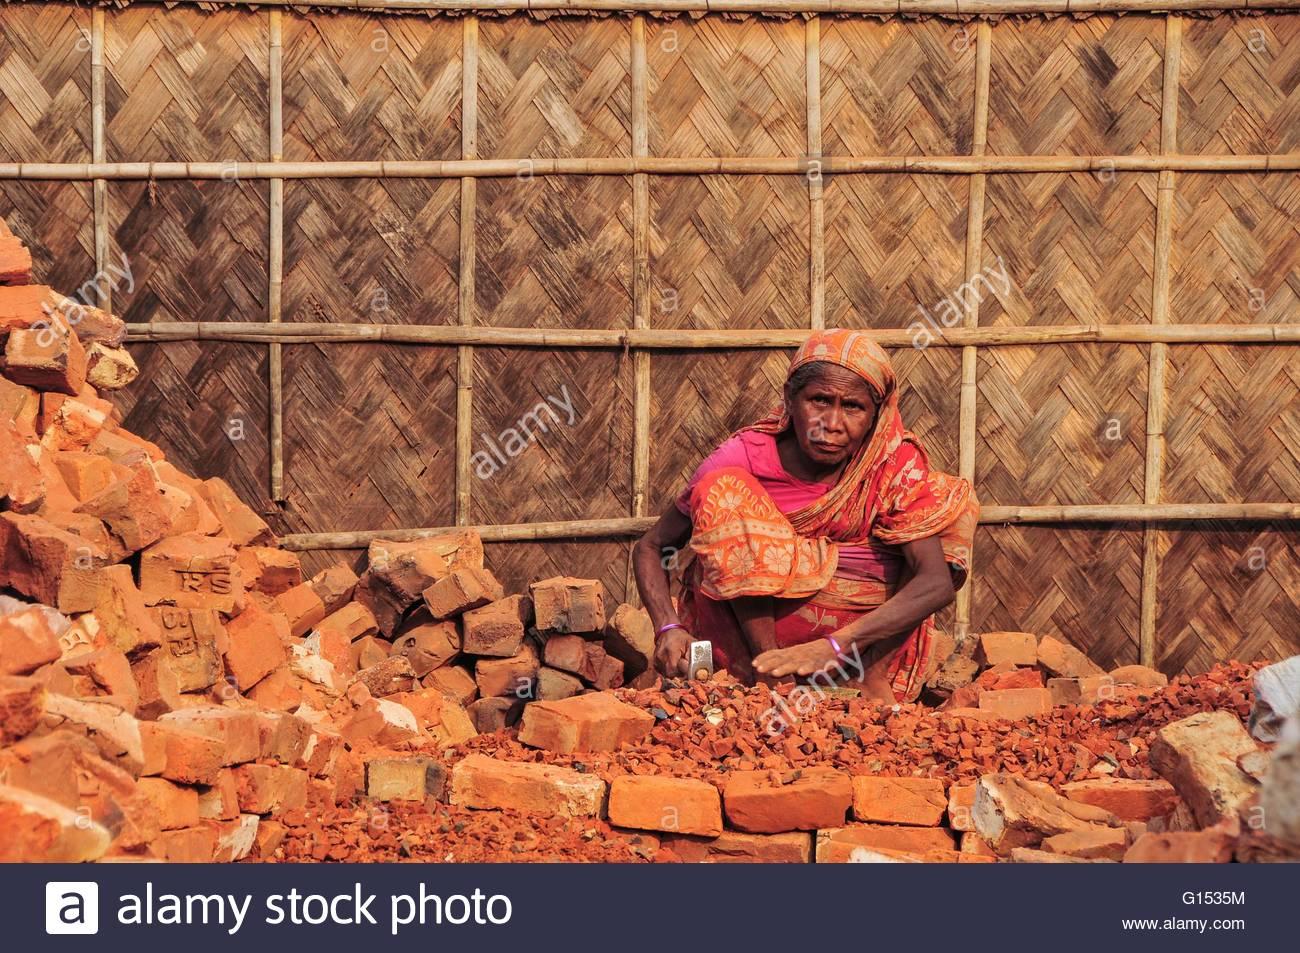 Bangladesh, Dhaka, woman breaking bricks - Stock Image